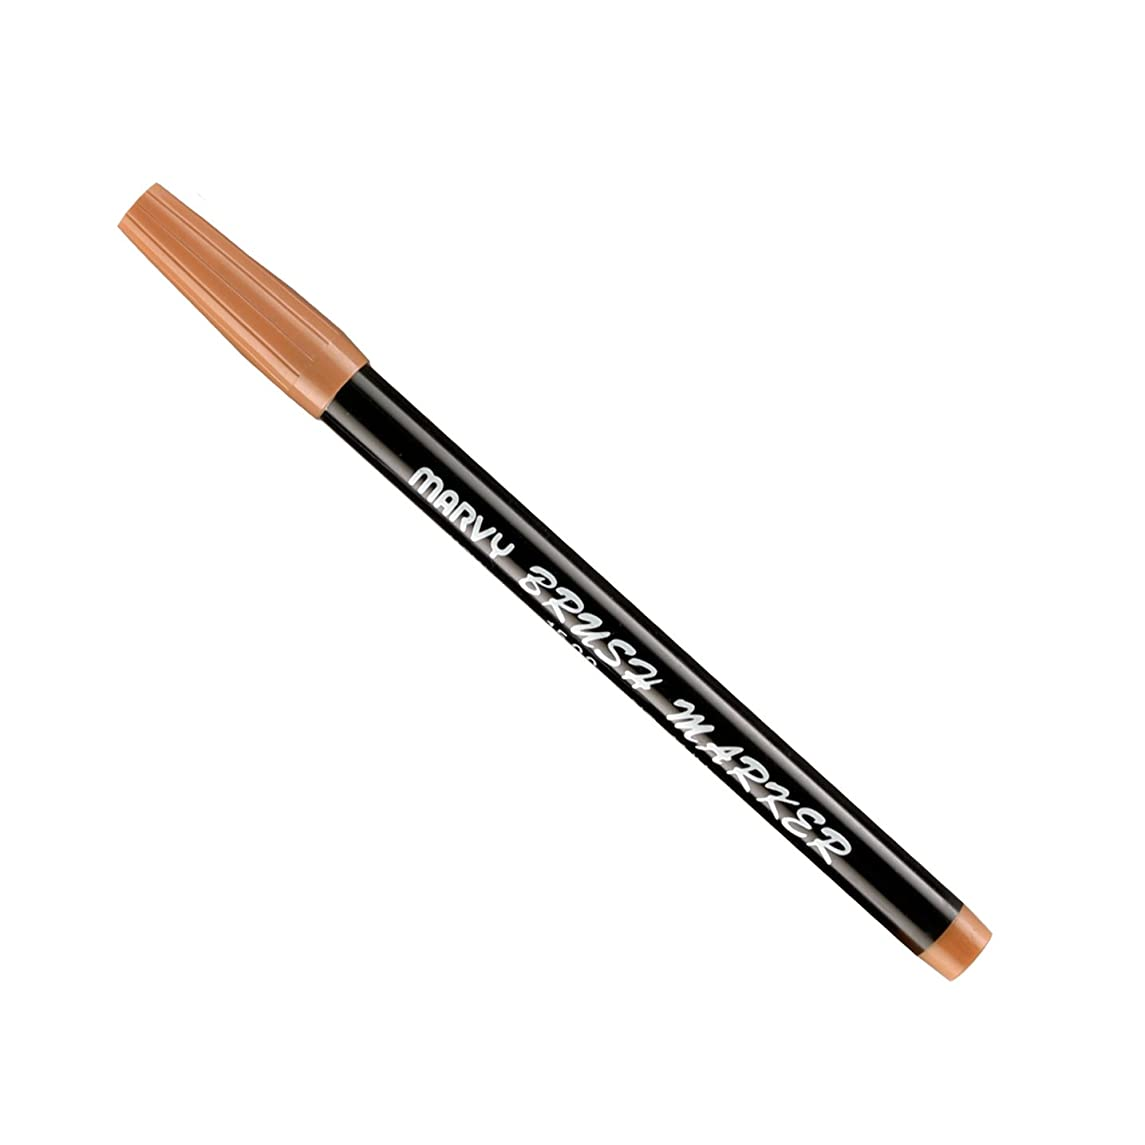 Uchida Of America 1500-C-44 Brush Marker, Light Brown